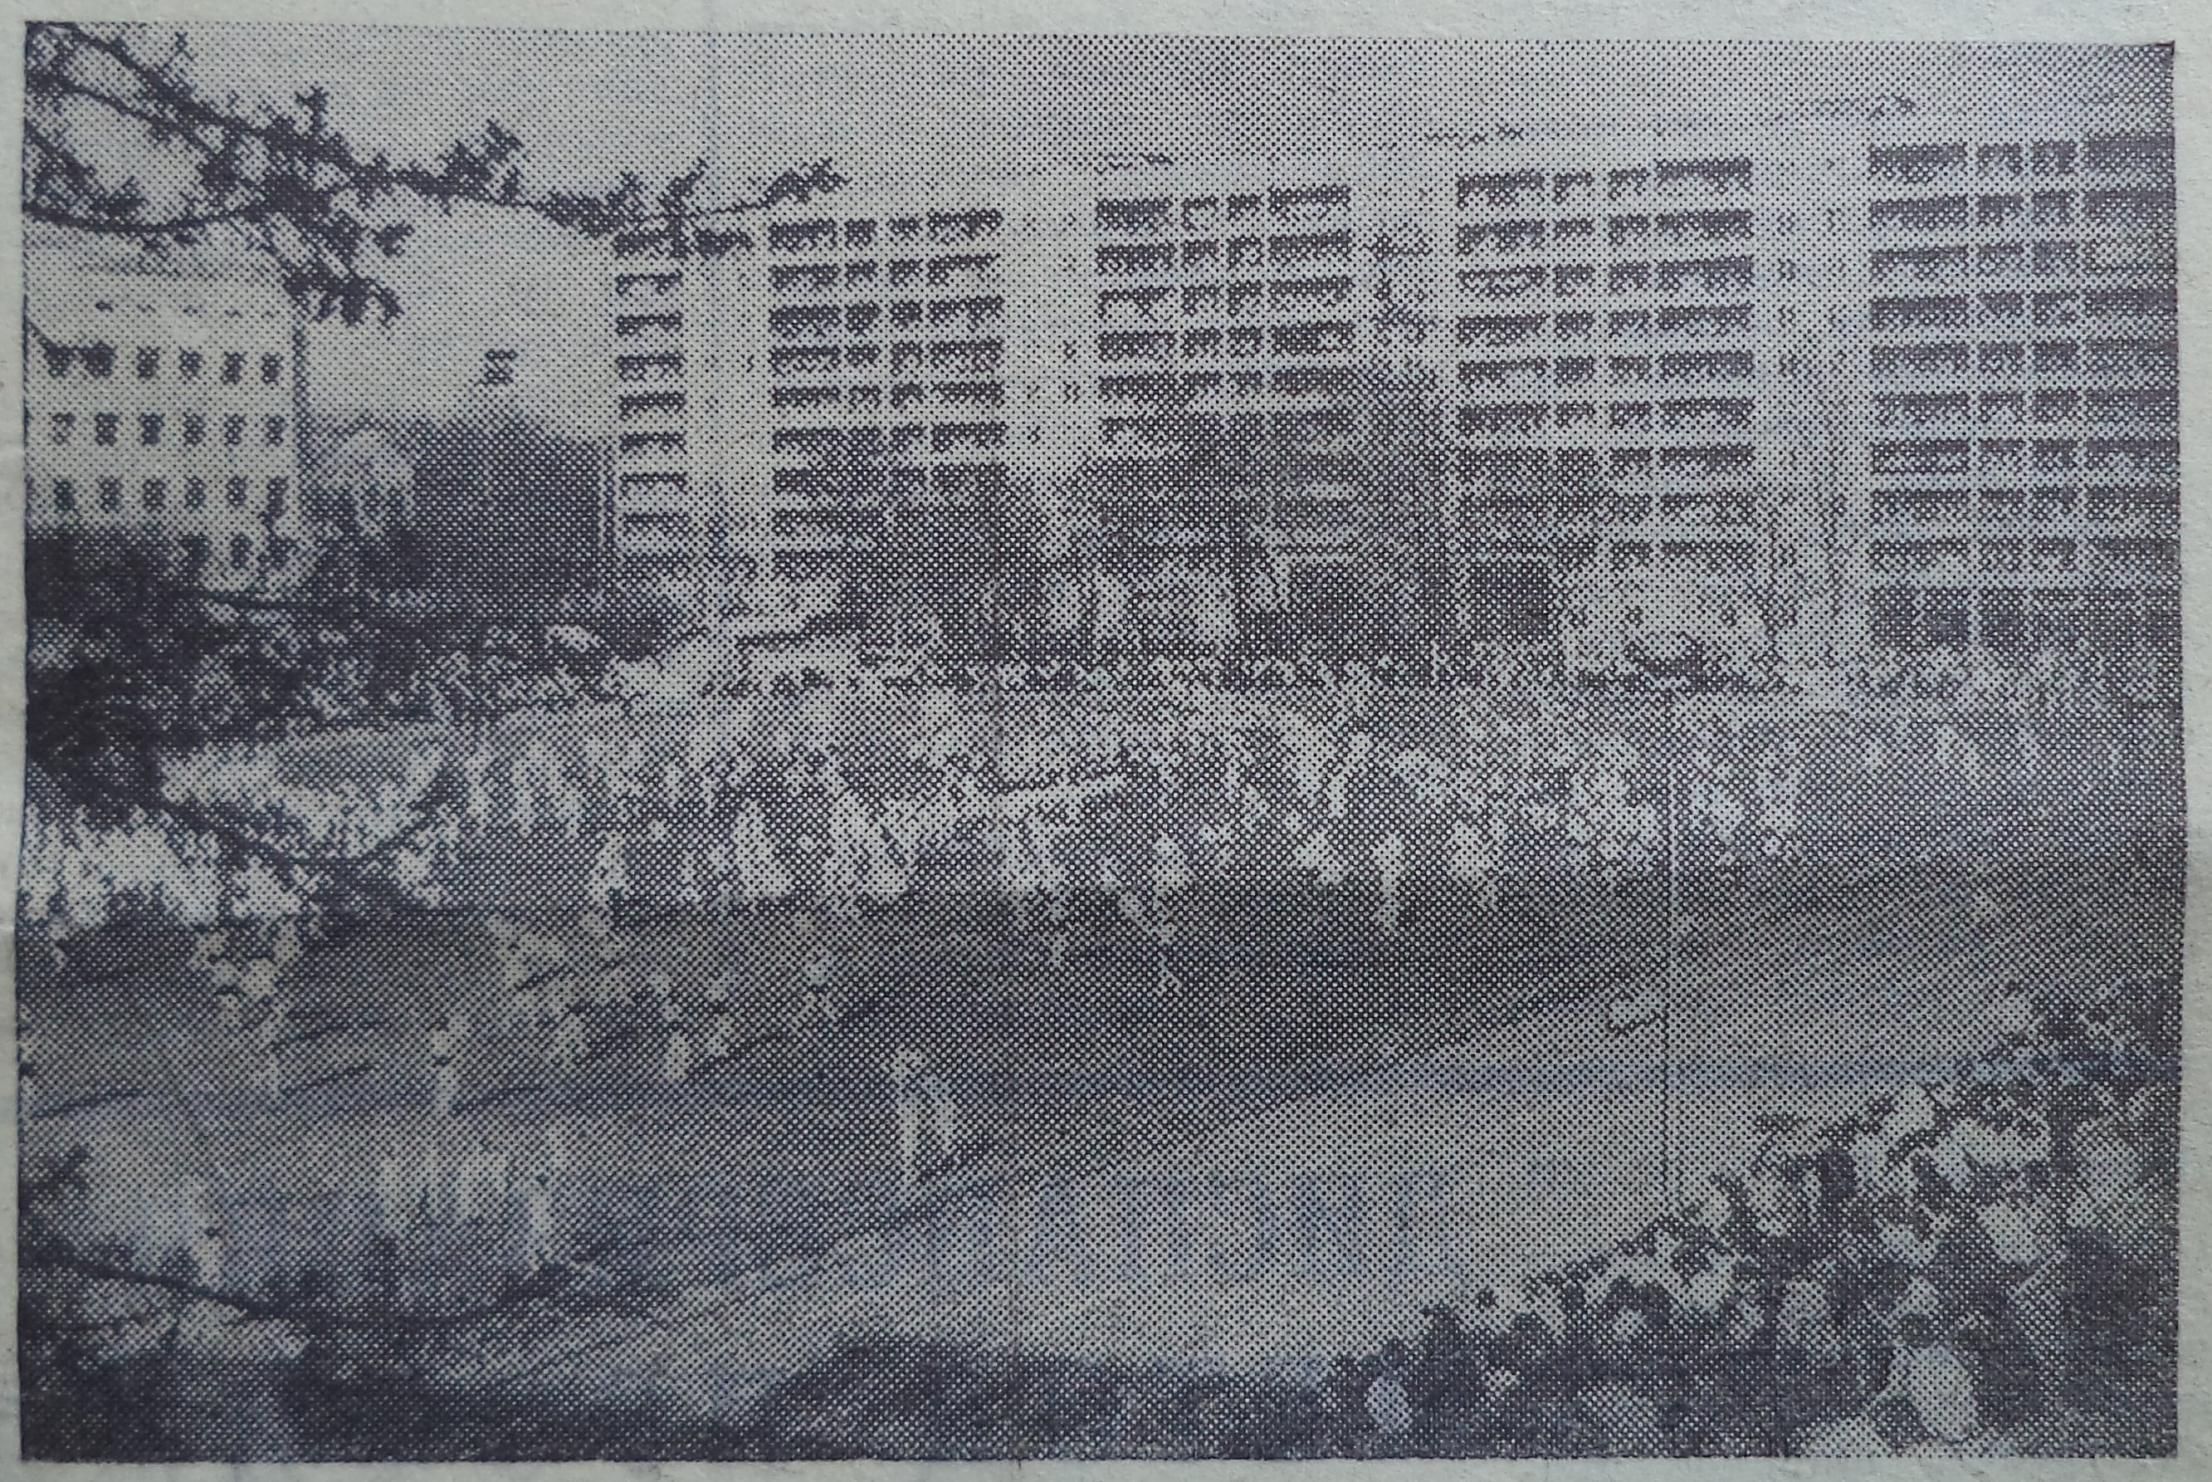 СА-ФОТО-056-Ленинское Знамя-1985-21 июня-5-min